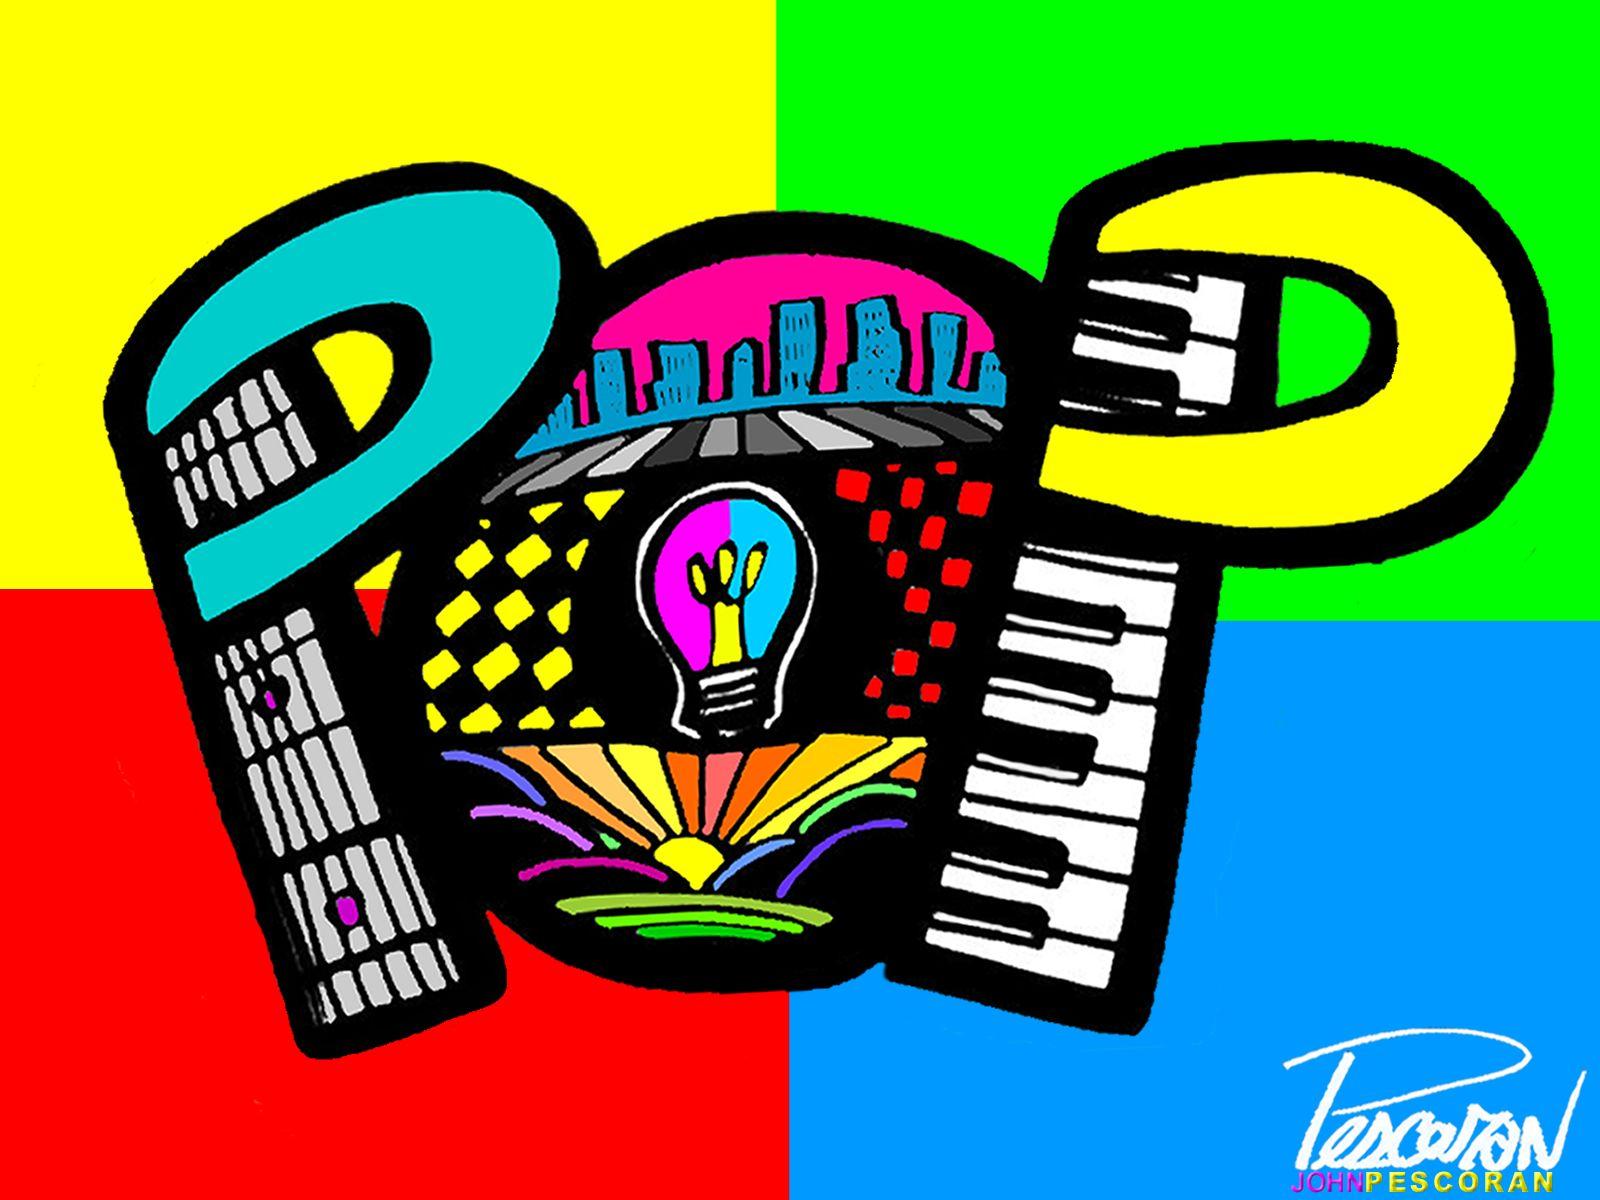 John Pescoran Pescoran Pop Art Wallpaper